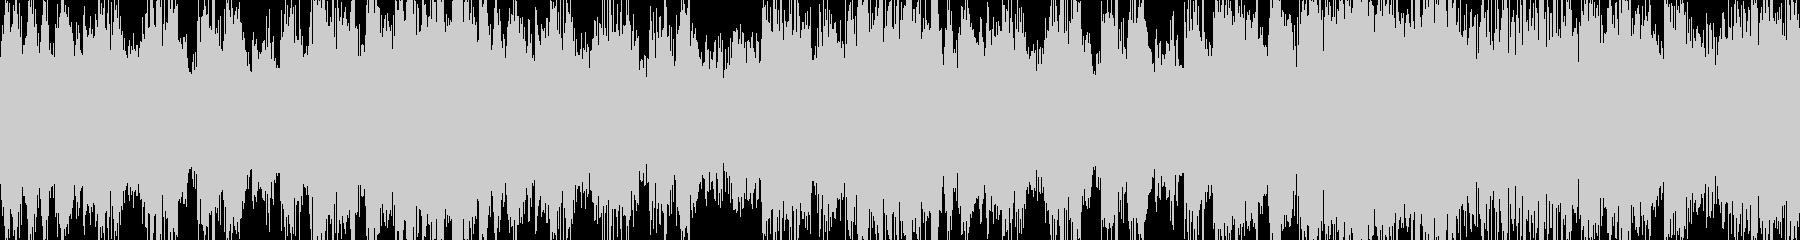 勇壮なオーケストラ風短BGM ループ曲の未再生の波形